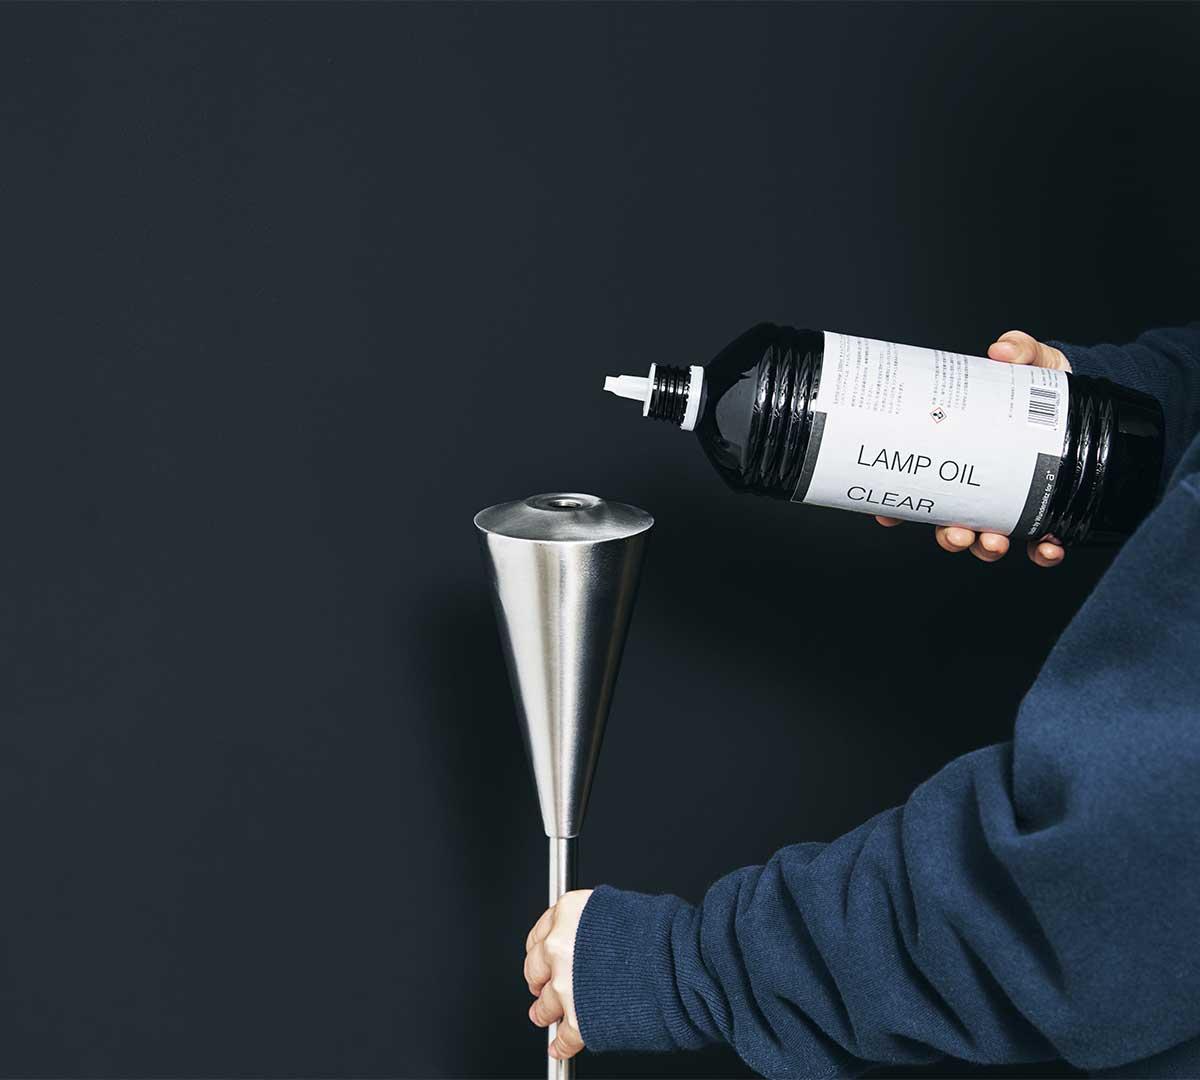 使い方は至ってシンプル。専用オイル燃料を注いで点火するだけ。使い方は至ってシンプルな「オイルトーチ」| エープラス